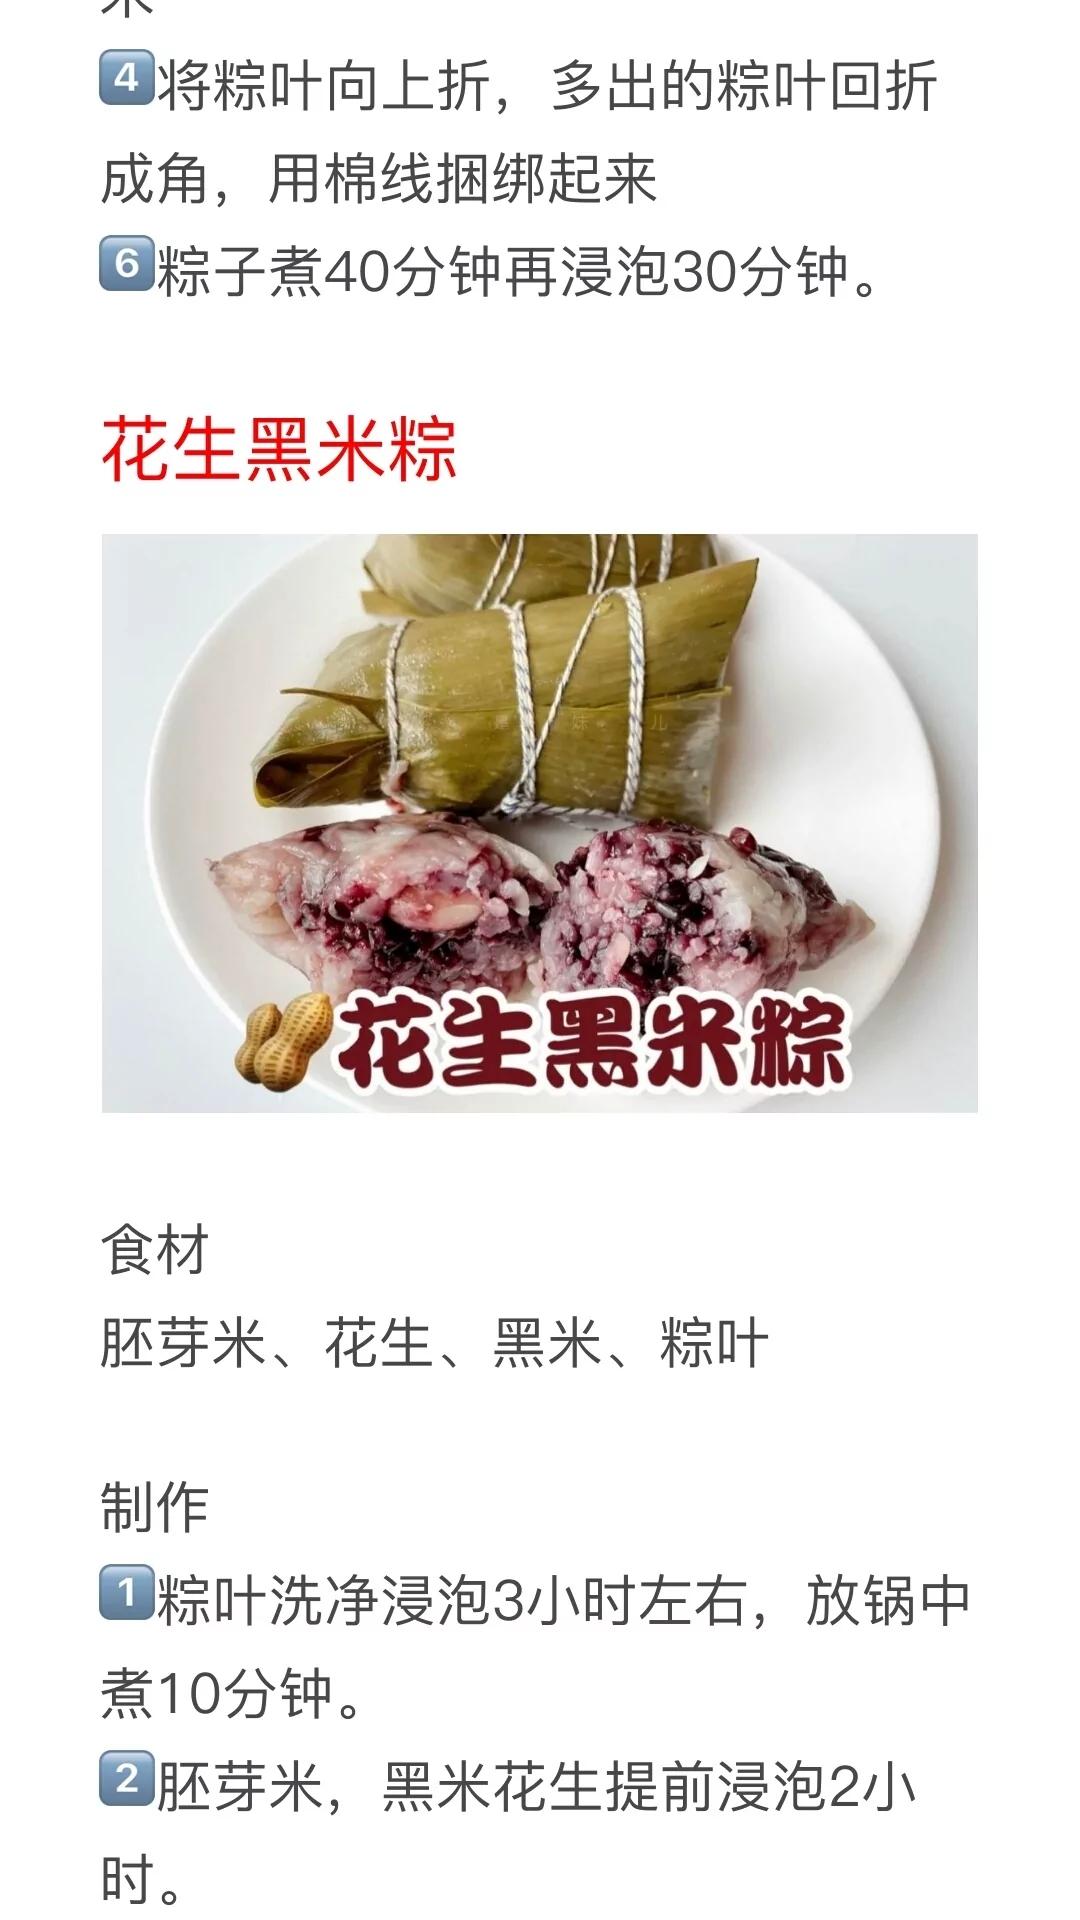 16种粽子的做法及配料!粽子馅配方种类大全,粽子制作方法教程 美食做法 第3张